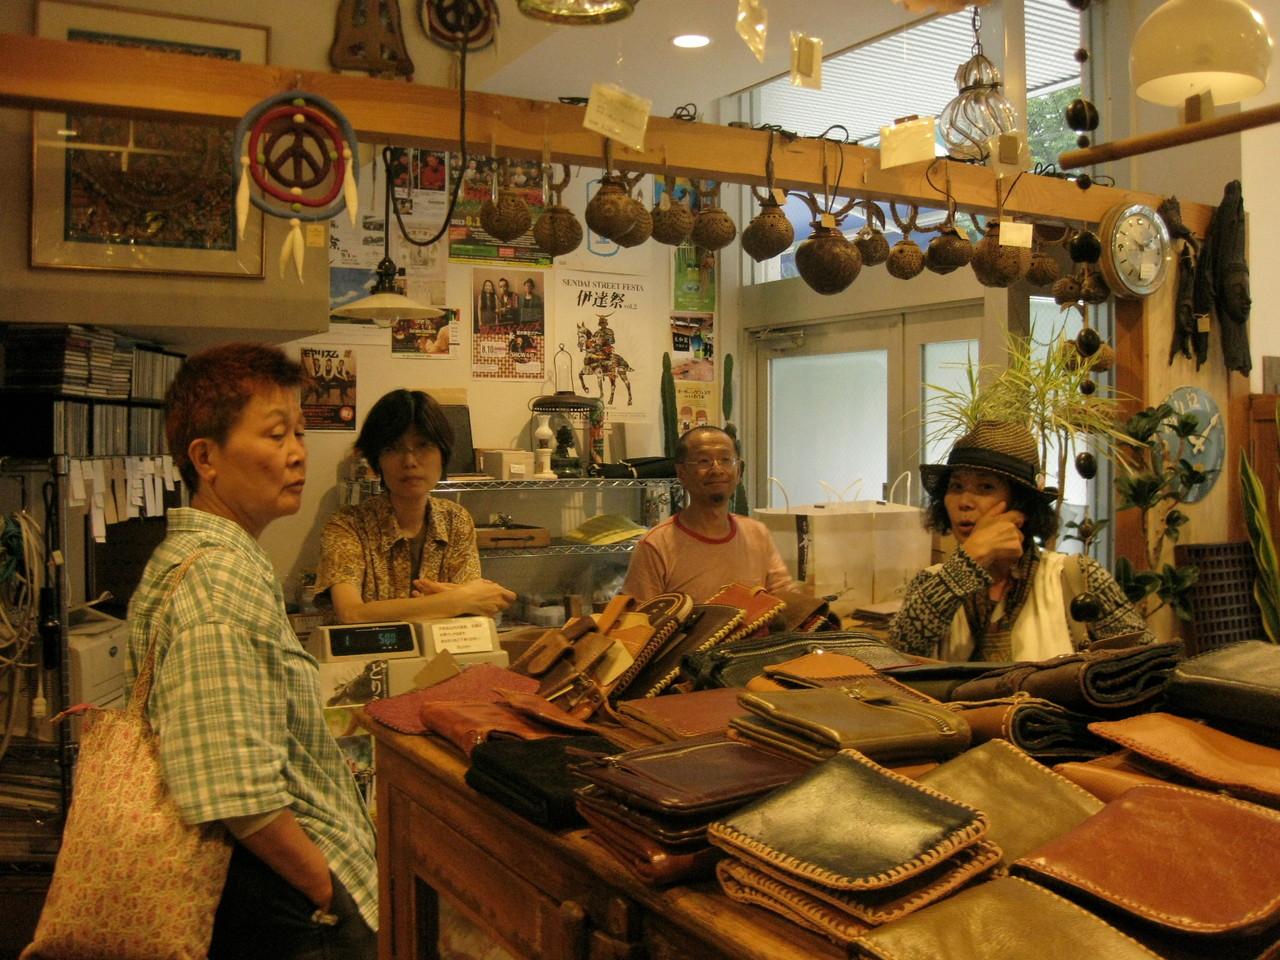 アジアン雑貨の素敵な店「BAAN」。盛岡ではこの店のオーナー、大谷夫妻のおうちにお世話になりました。